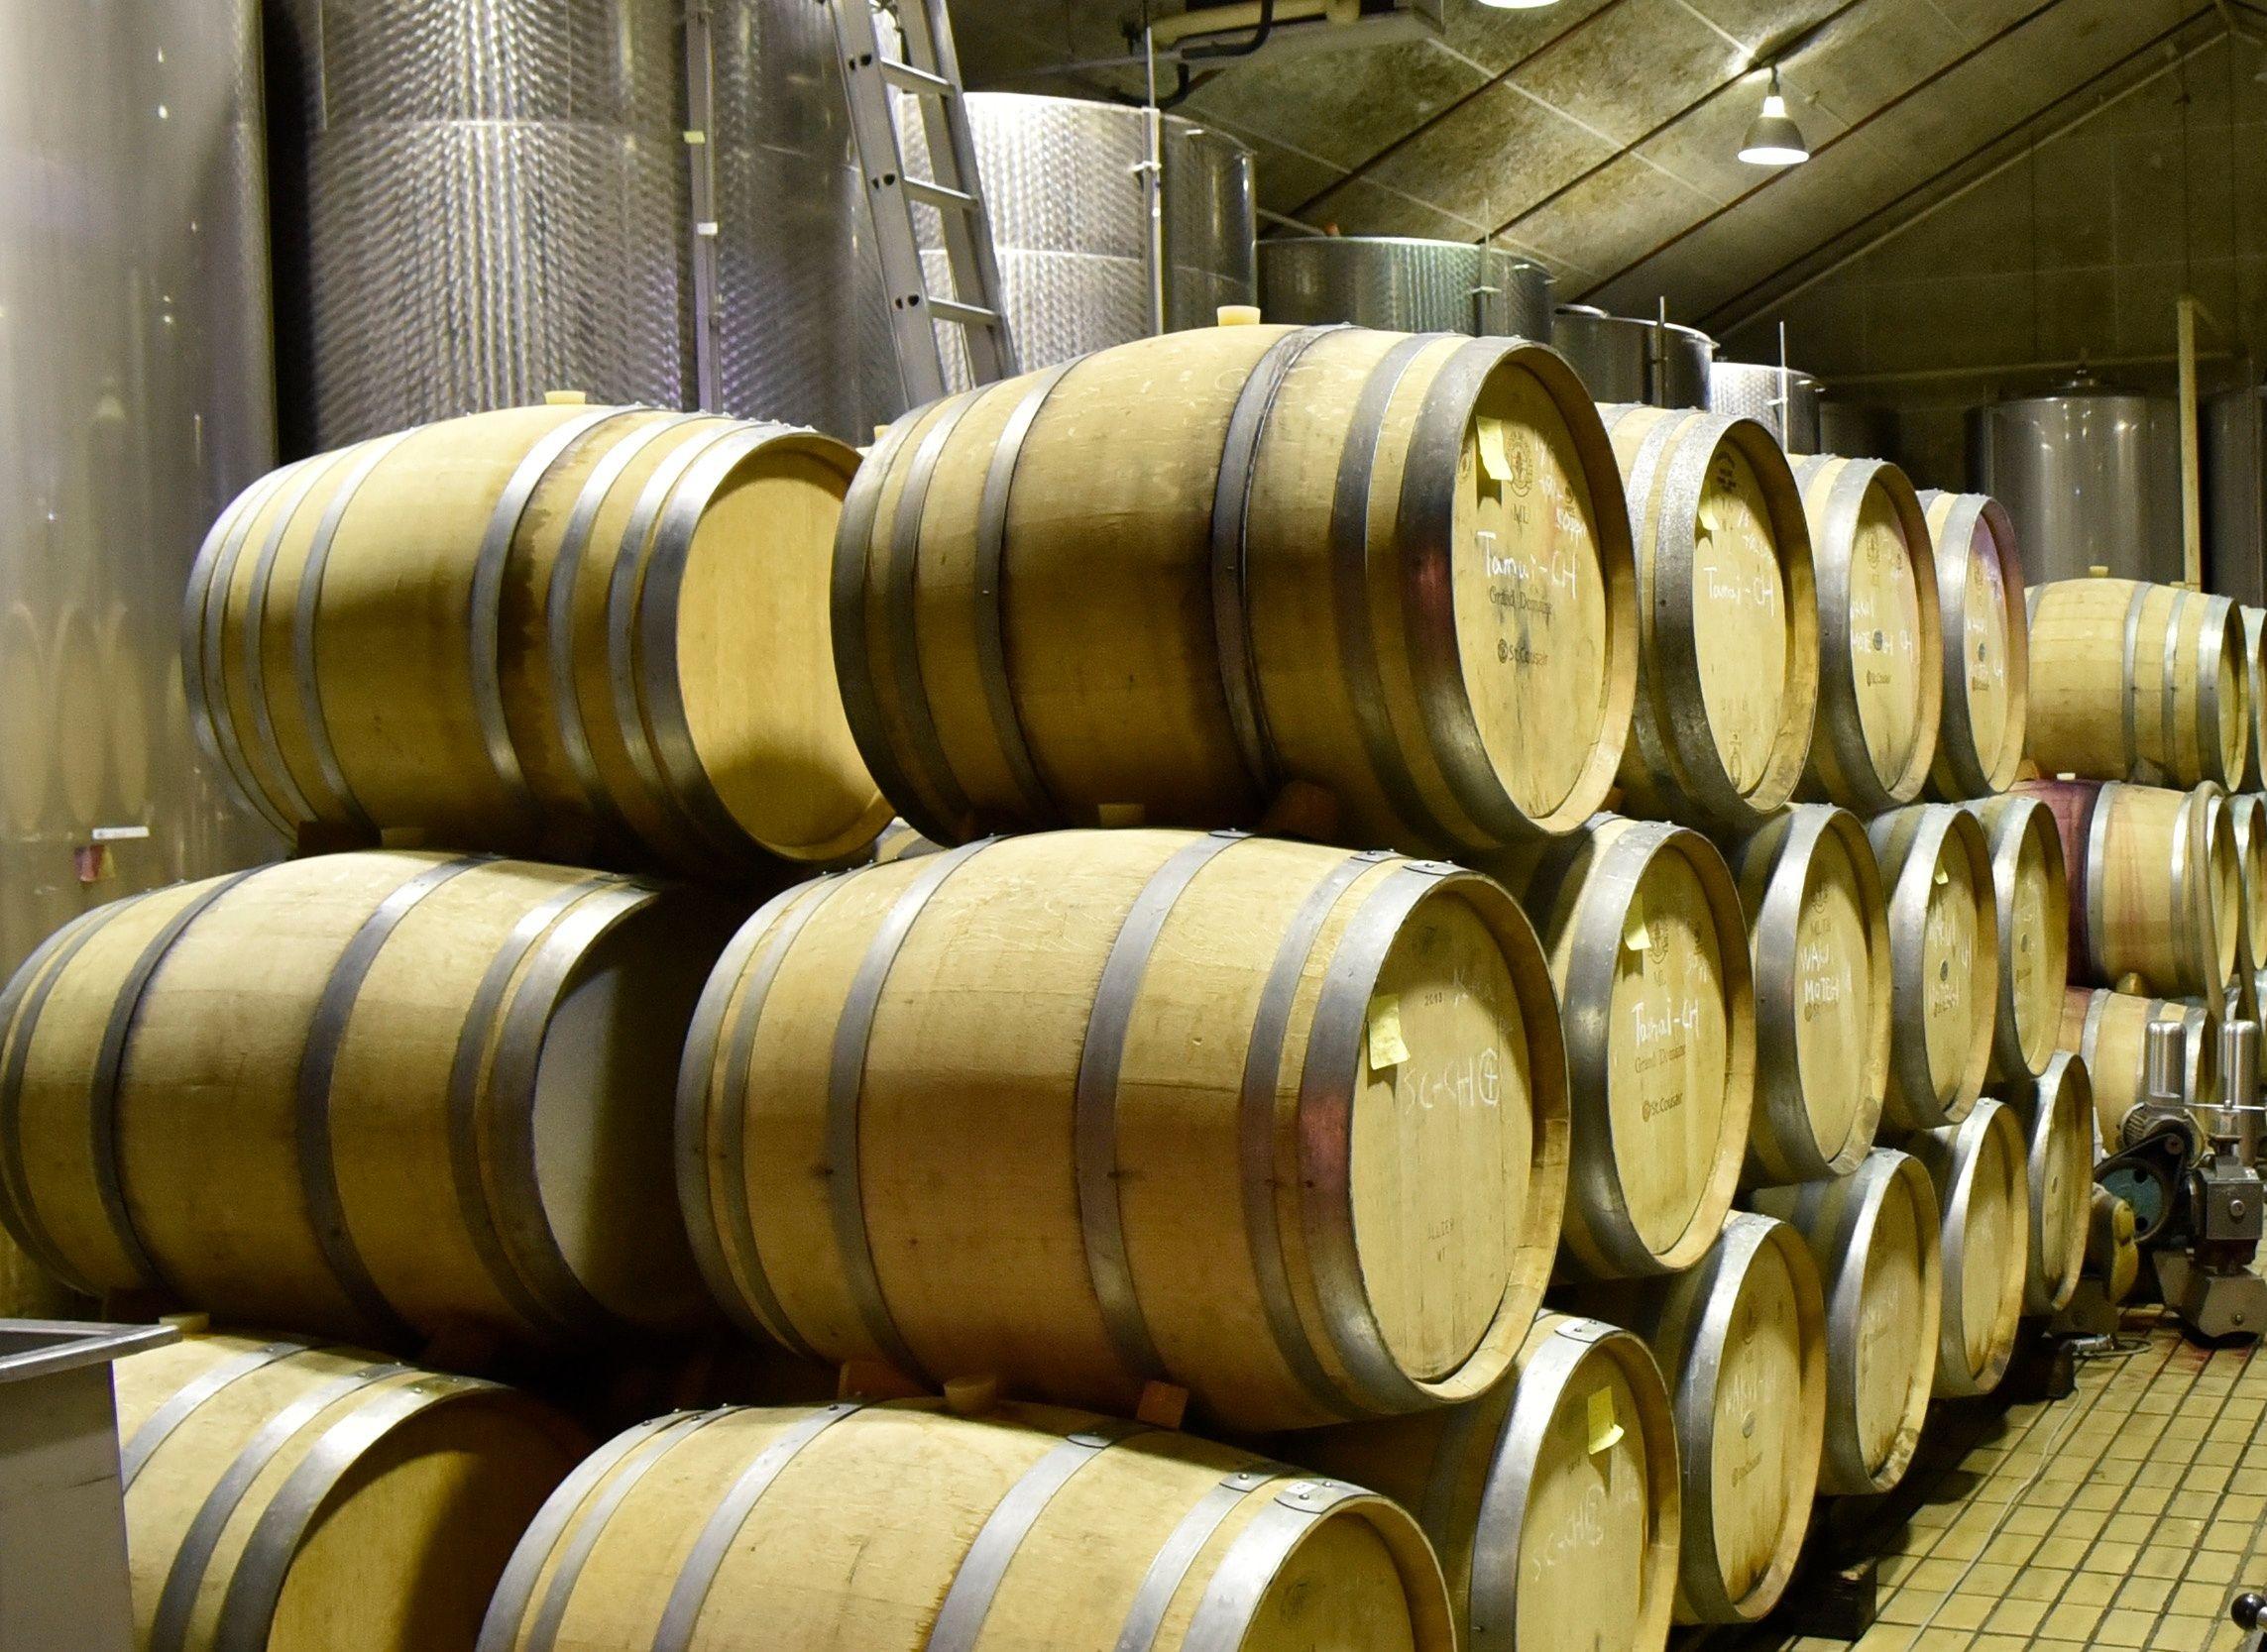 St. Cousair Winery Nagano